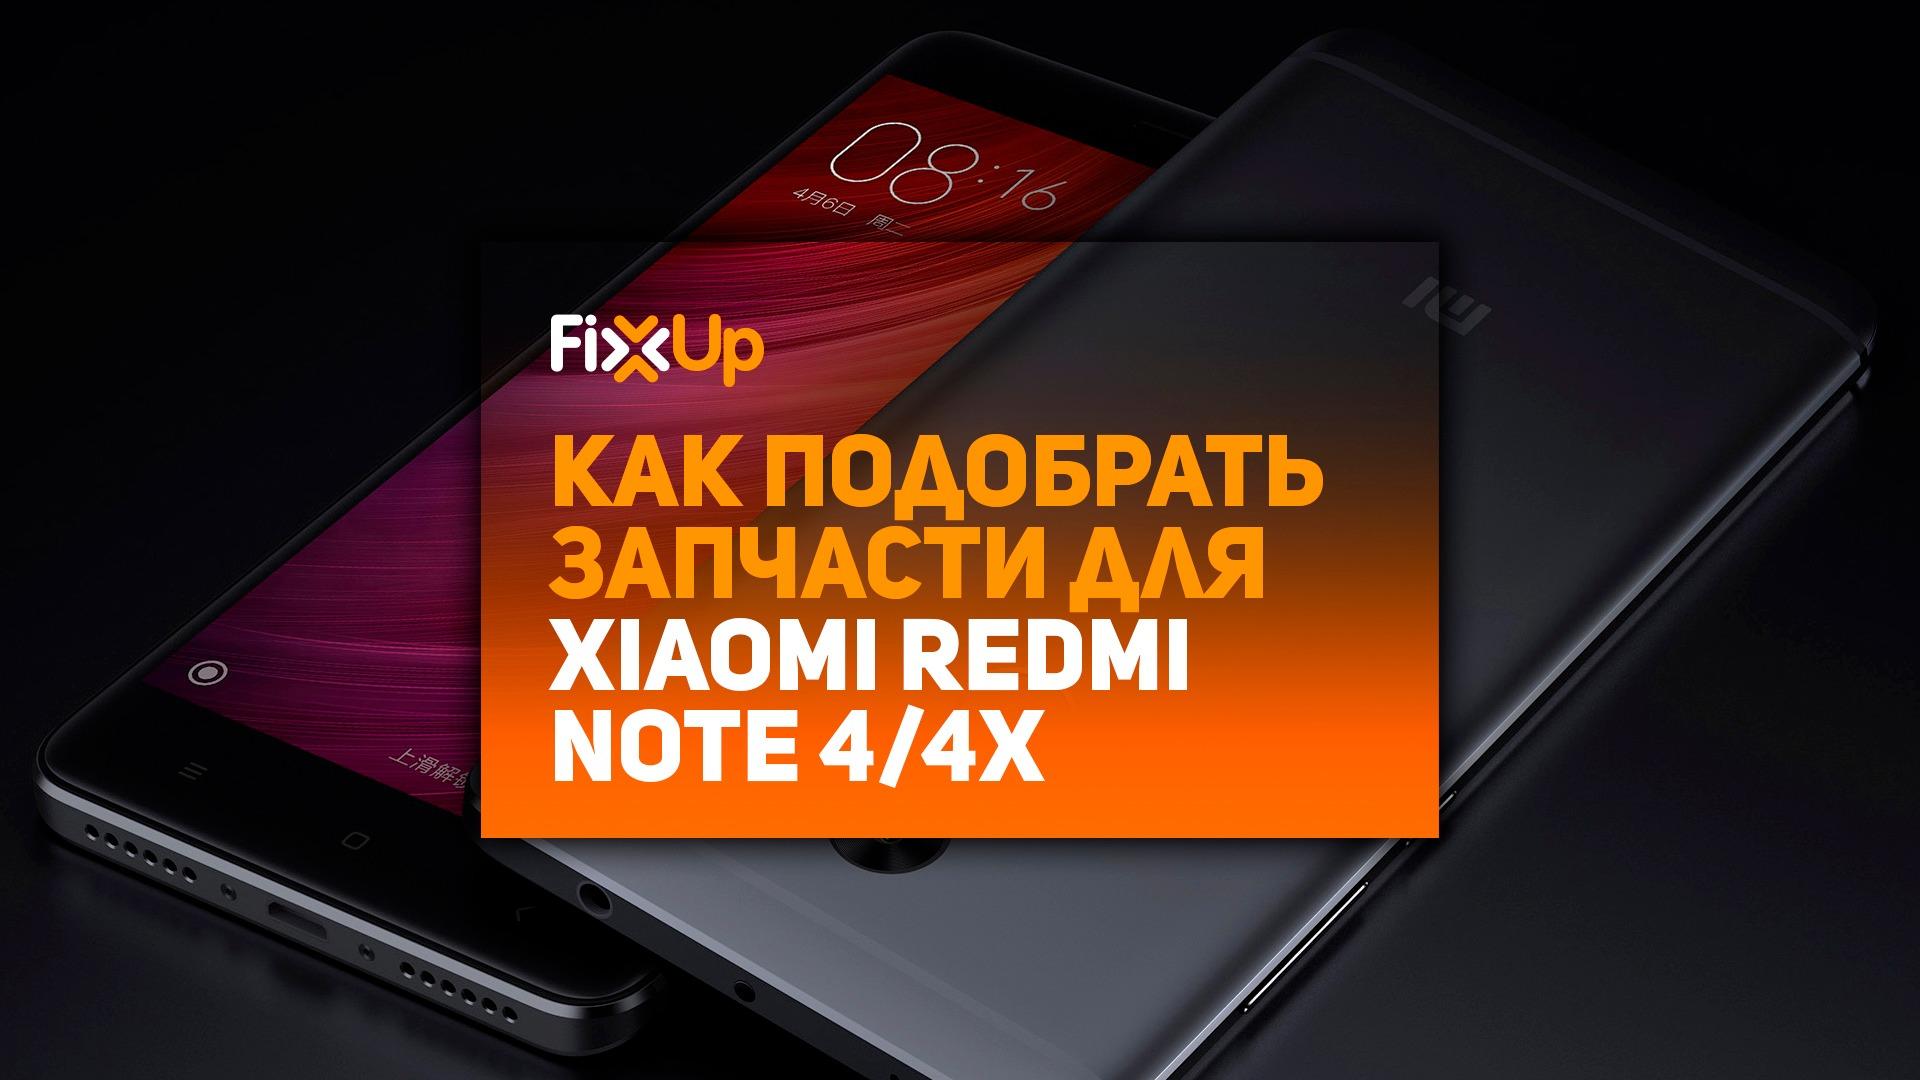 о различных версиях Xiaomi Redmi Note 4/4X